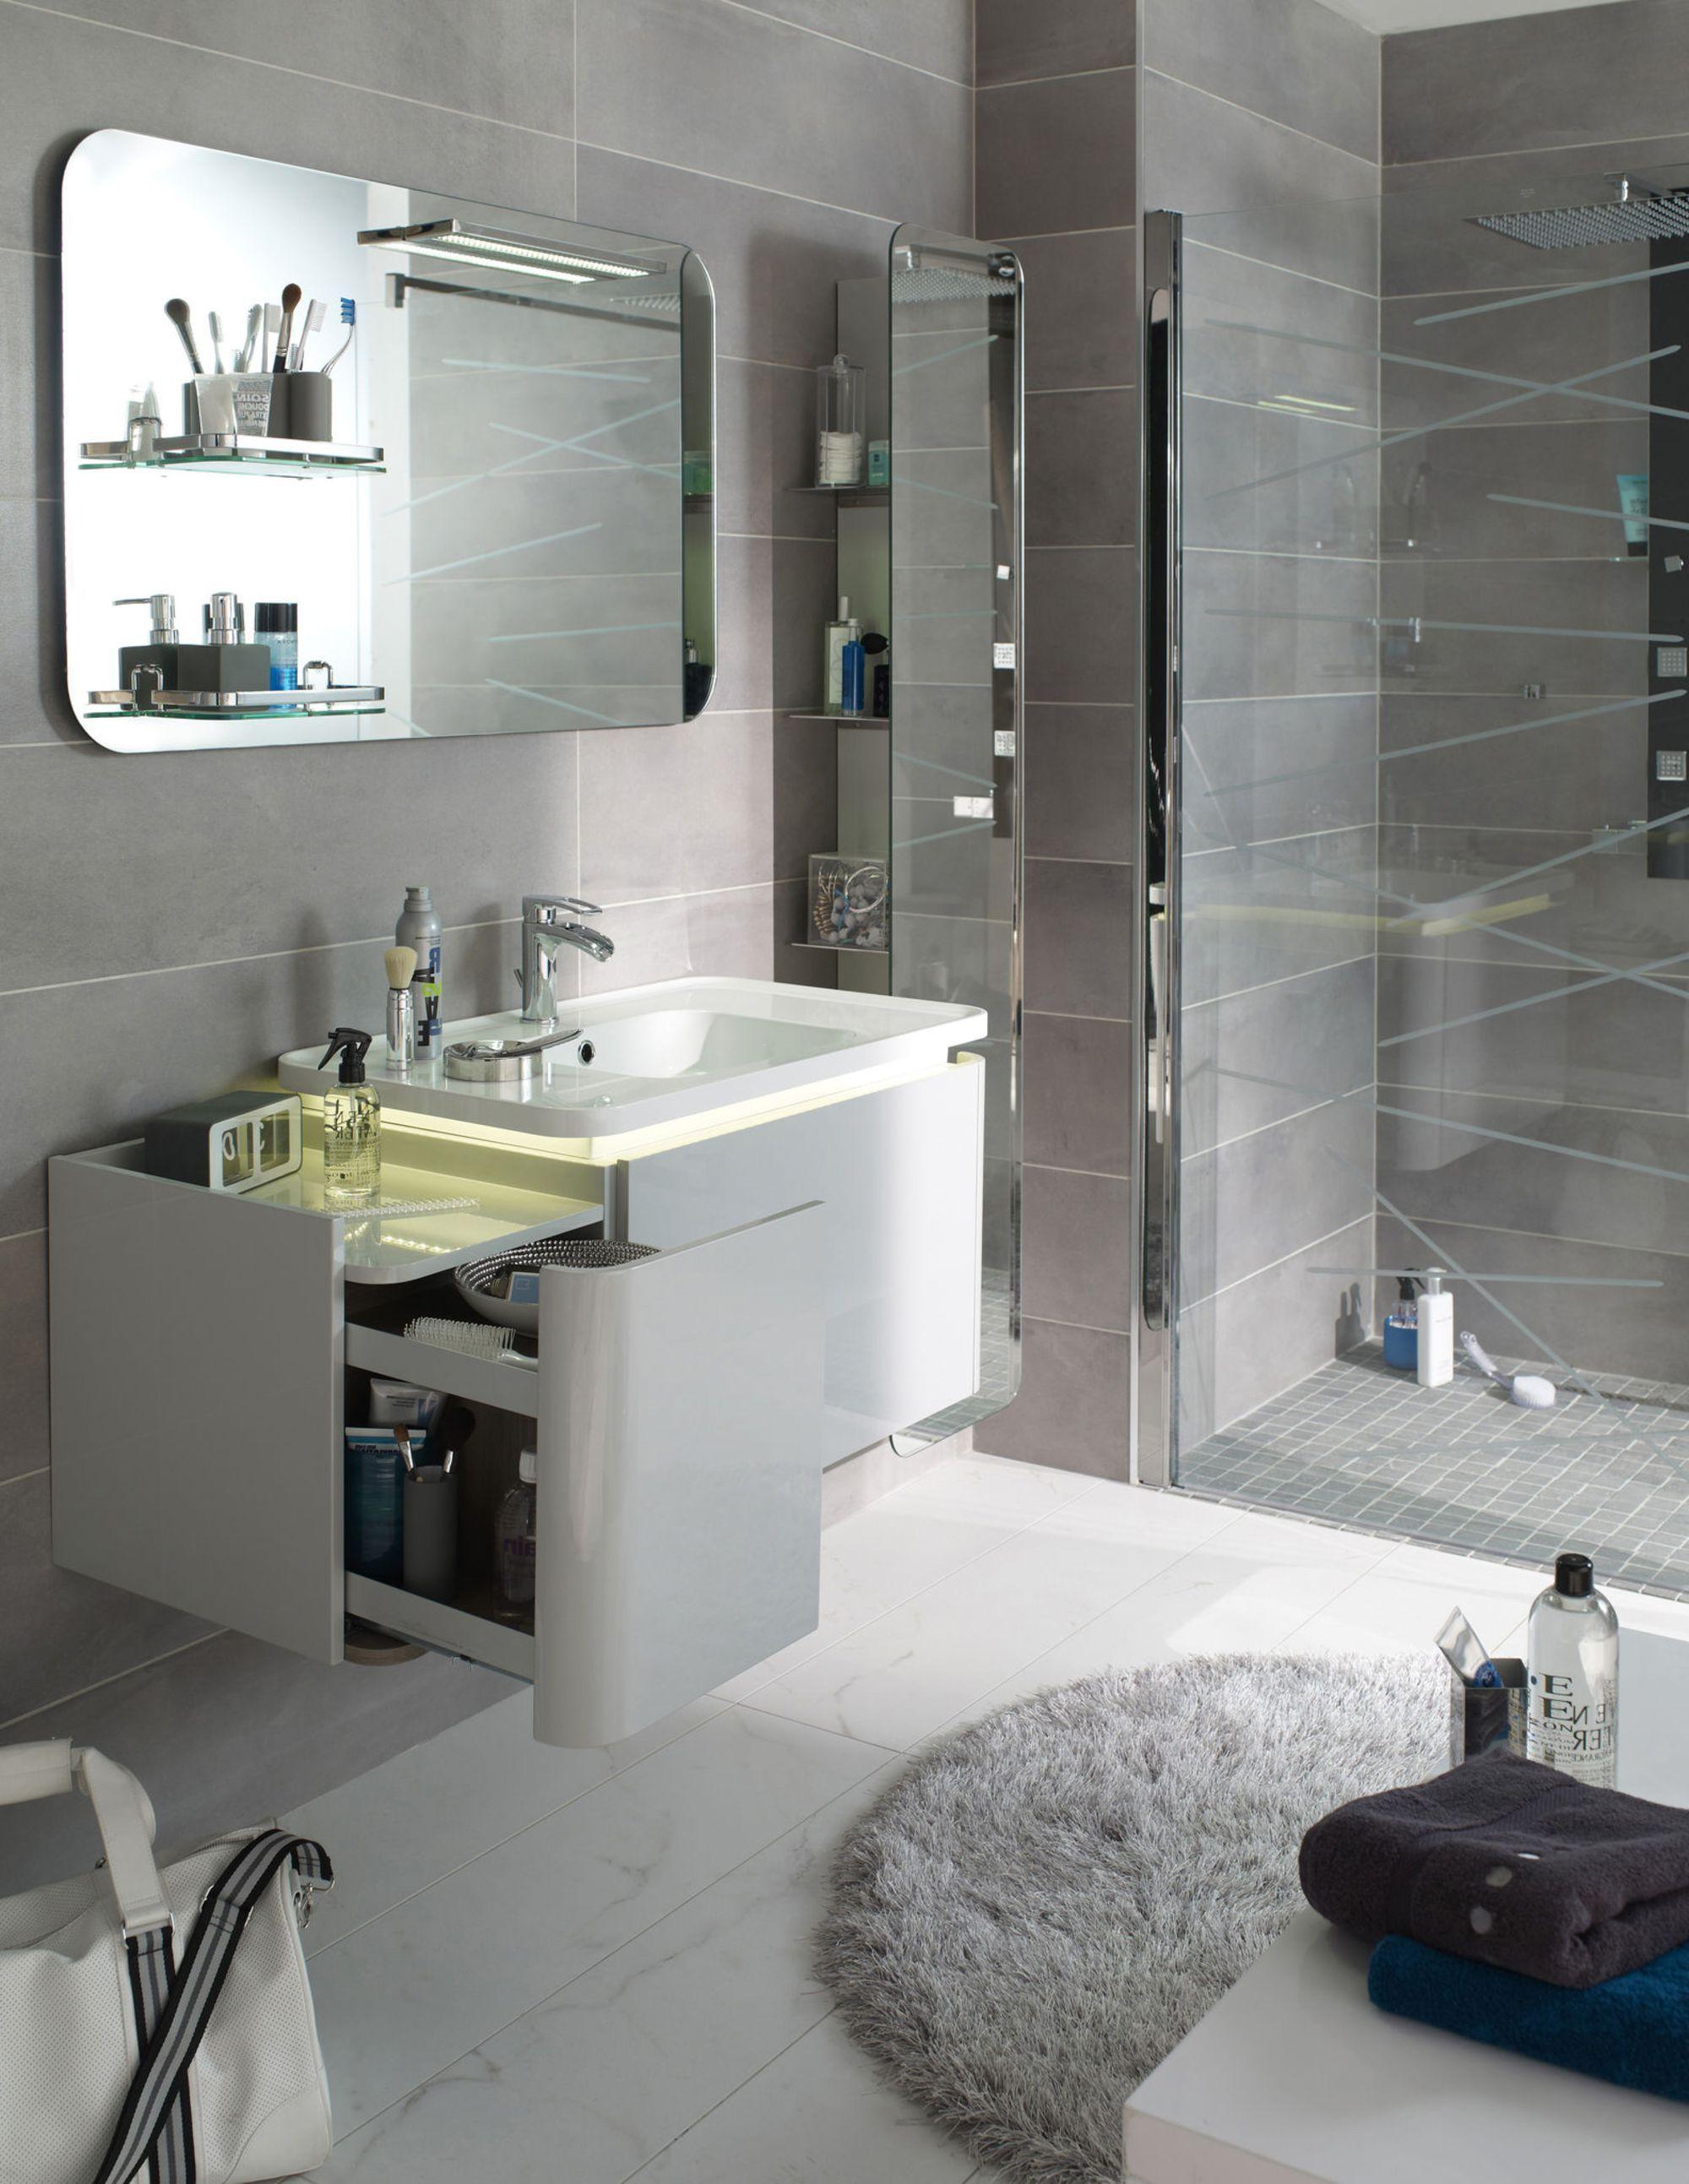 Tout Pour La Salle De Bain meuble salle de bain : pratique de disposer d'un rangement